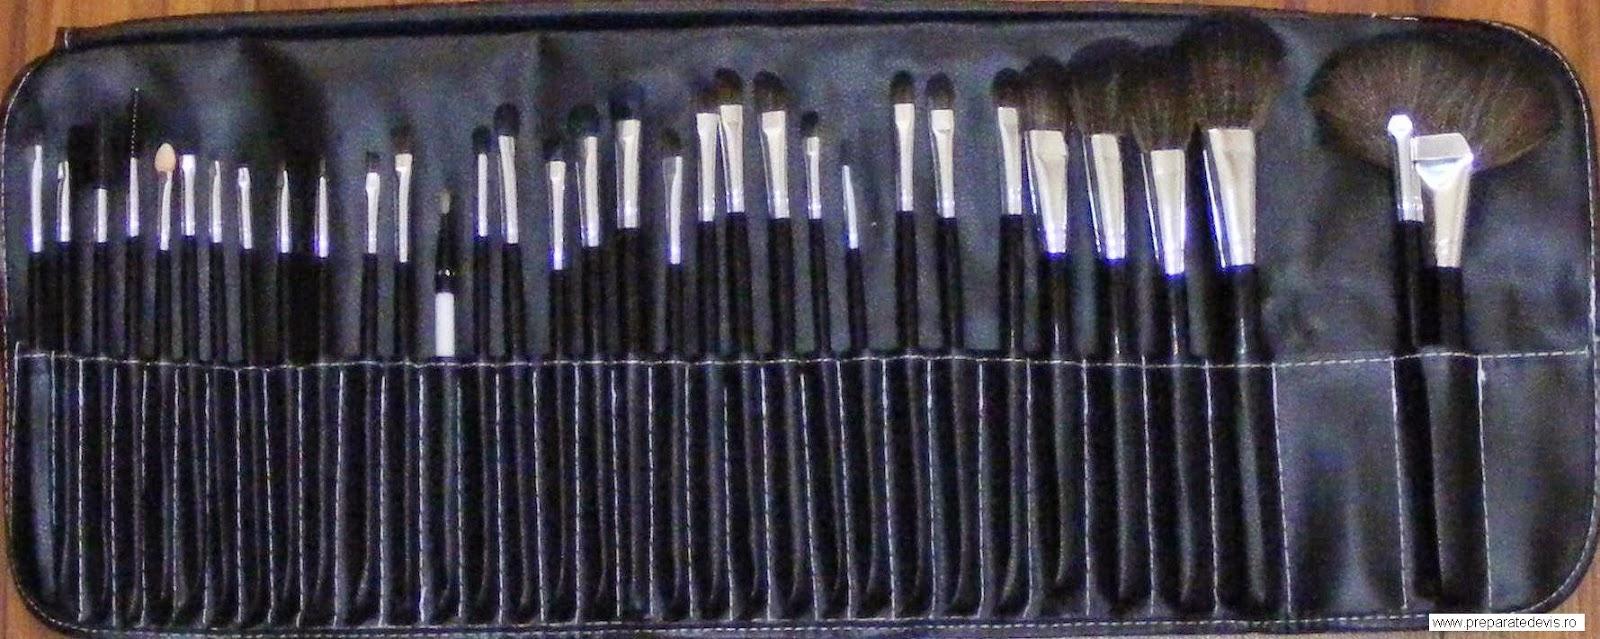 pensule machiaj, truse de machiaj, set pensule machiaj, trusa de machiaj din par natural, trusa de machiaj, produse cosmetice, machiaj profesional, pensula machiaj, set pensule, pensule, pensula, pensula machiaj ochi, make up, trusa pensule machij din par natural, pensule make up,